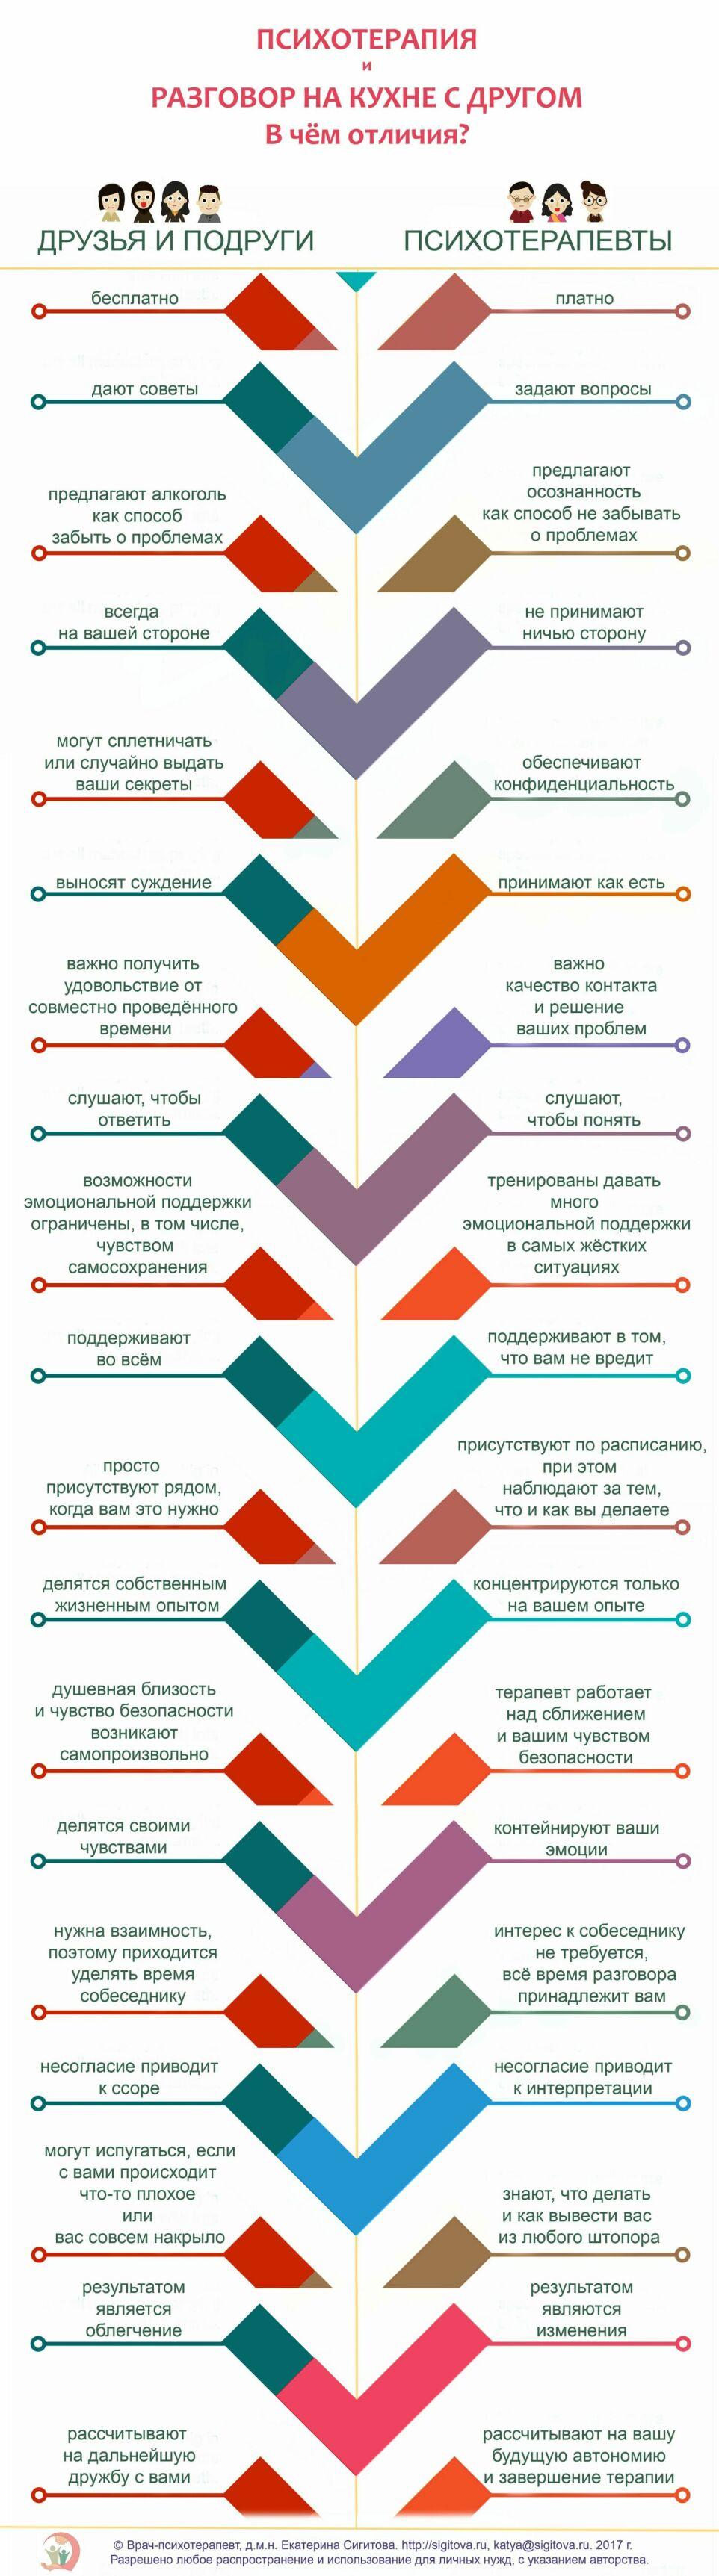 Чем отличается психотерапия от задушевного разговора на кухне - инфографика